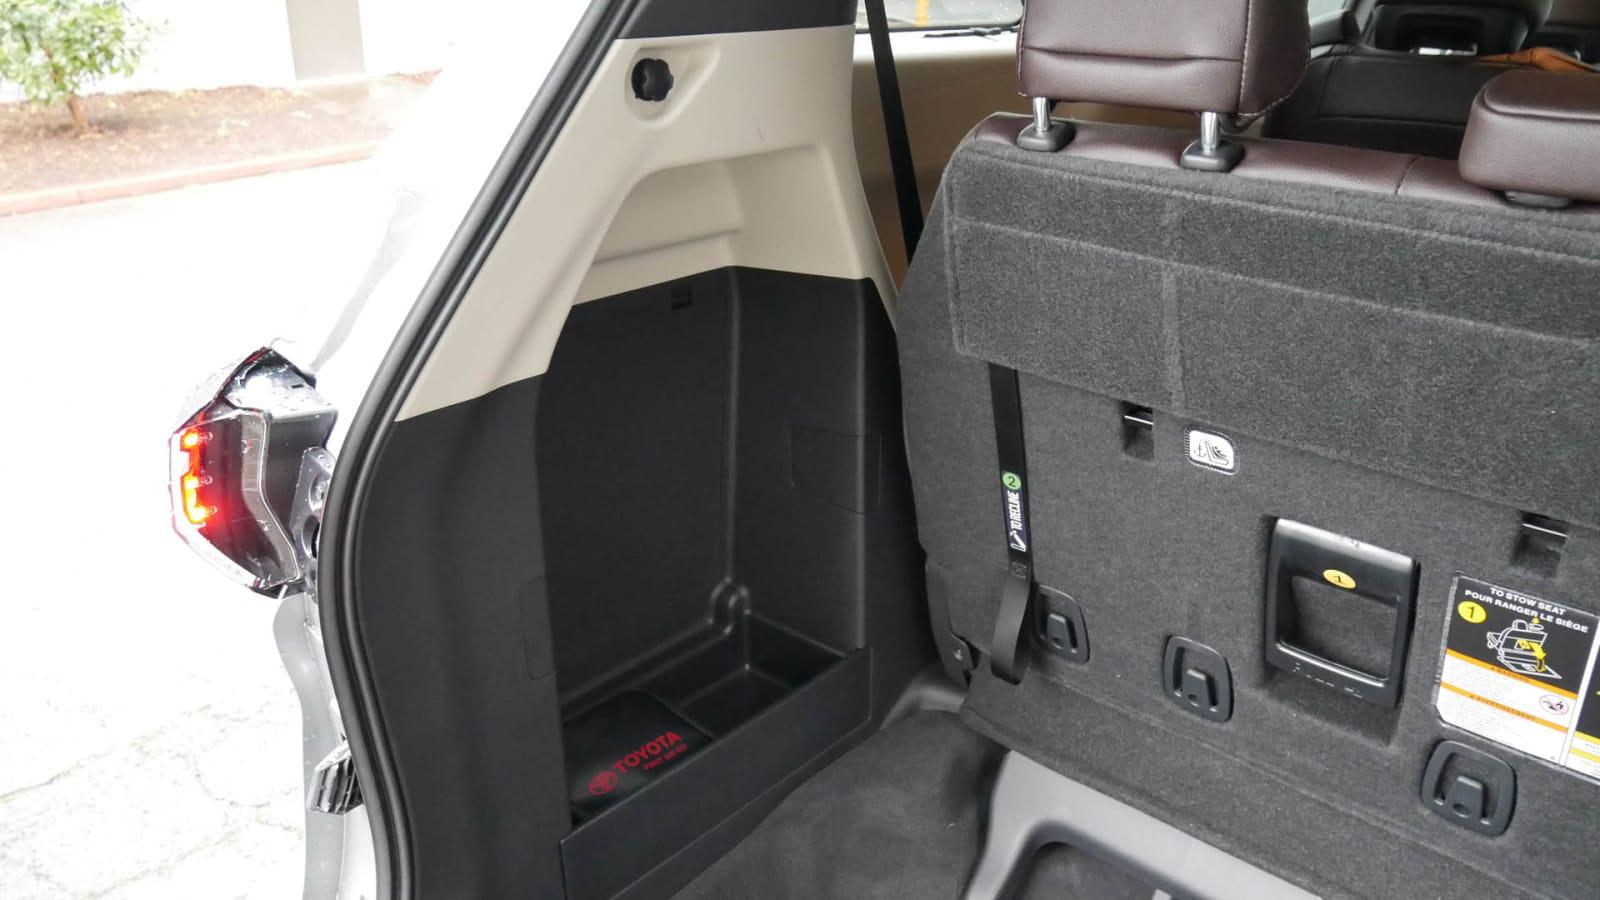 2021 Toyota Sienna interior storage cargo area storage